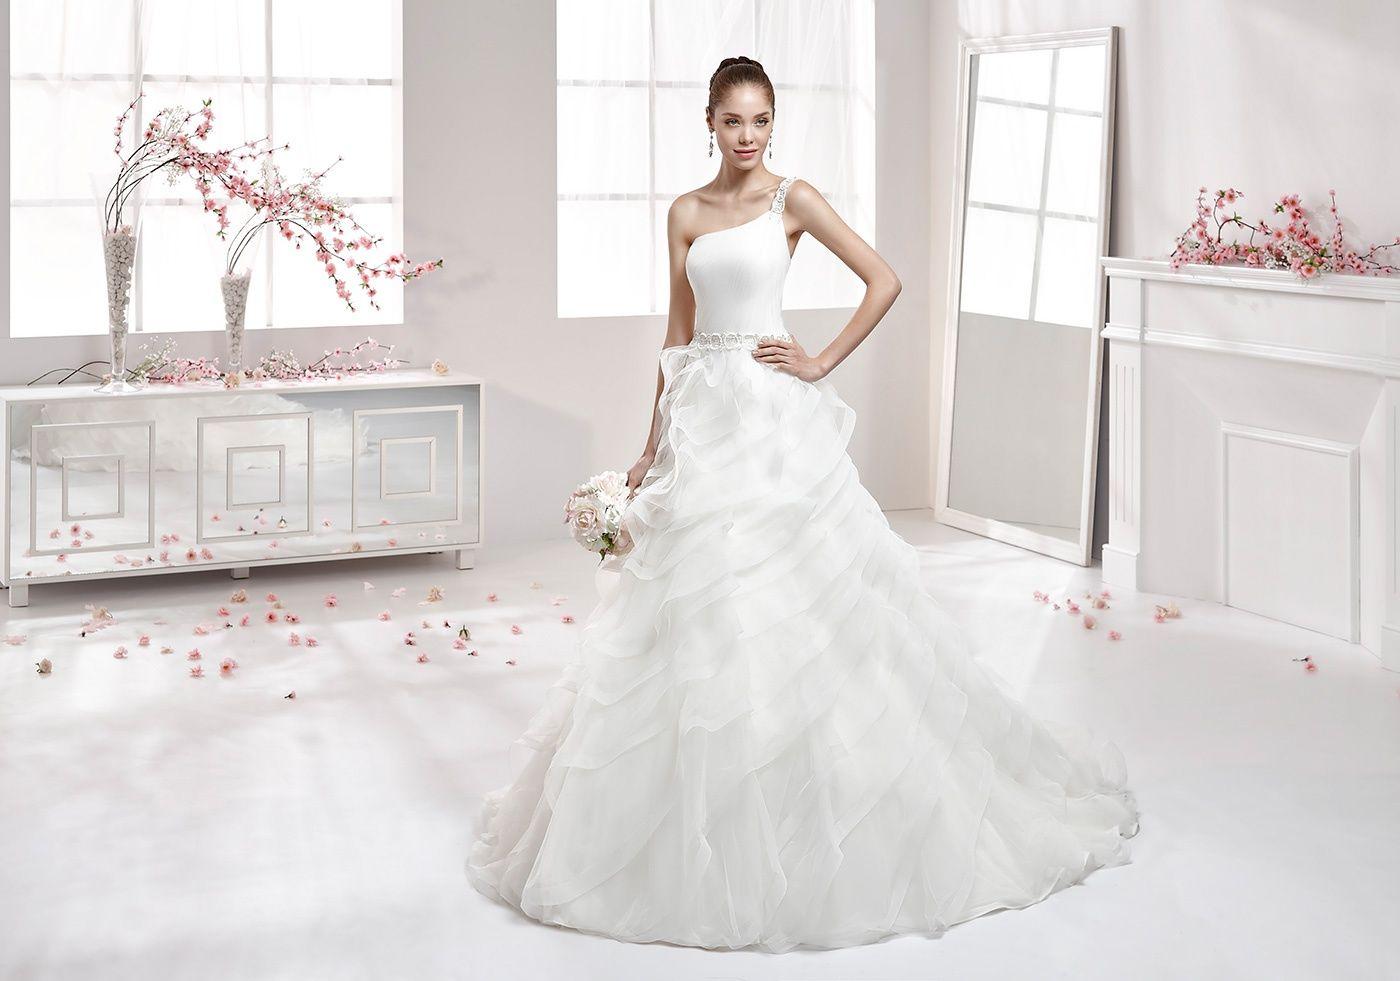 Moda sposa 2016 - Collezione AURORA.  AUAB16948. Abito da sposa Nicole.